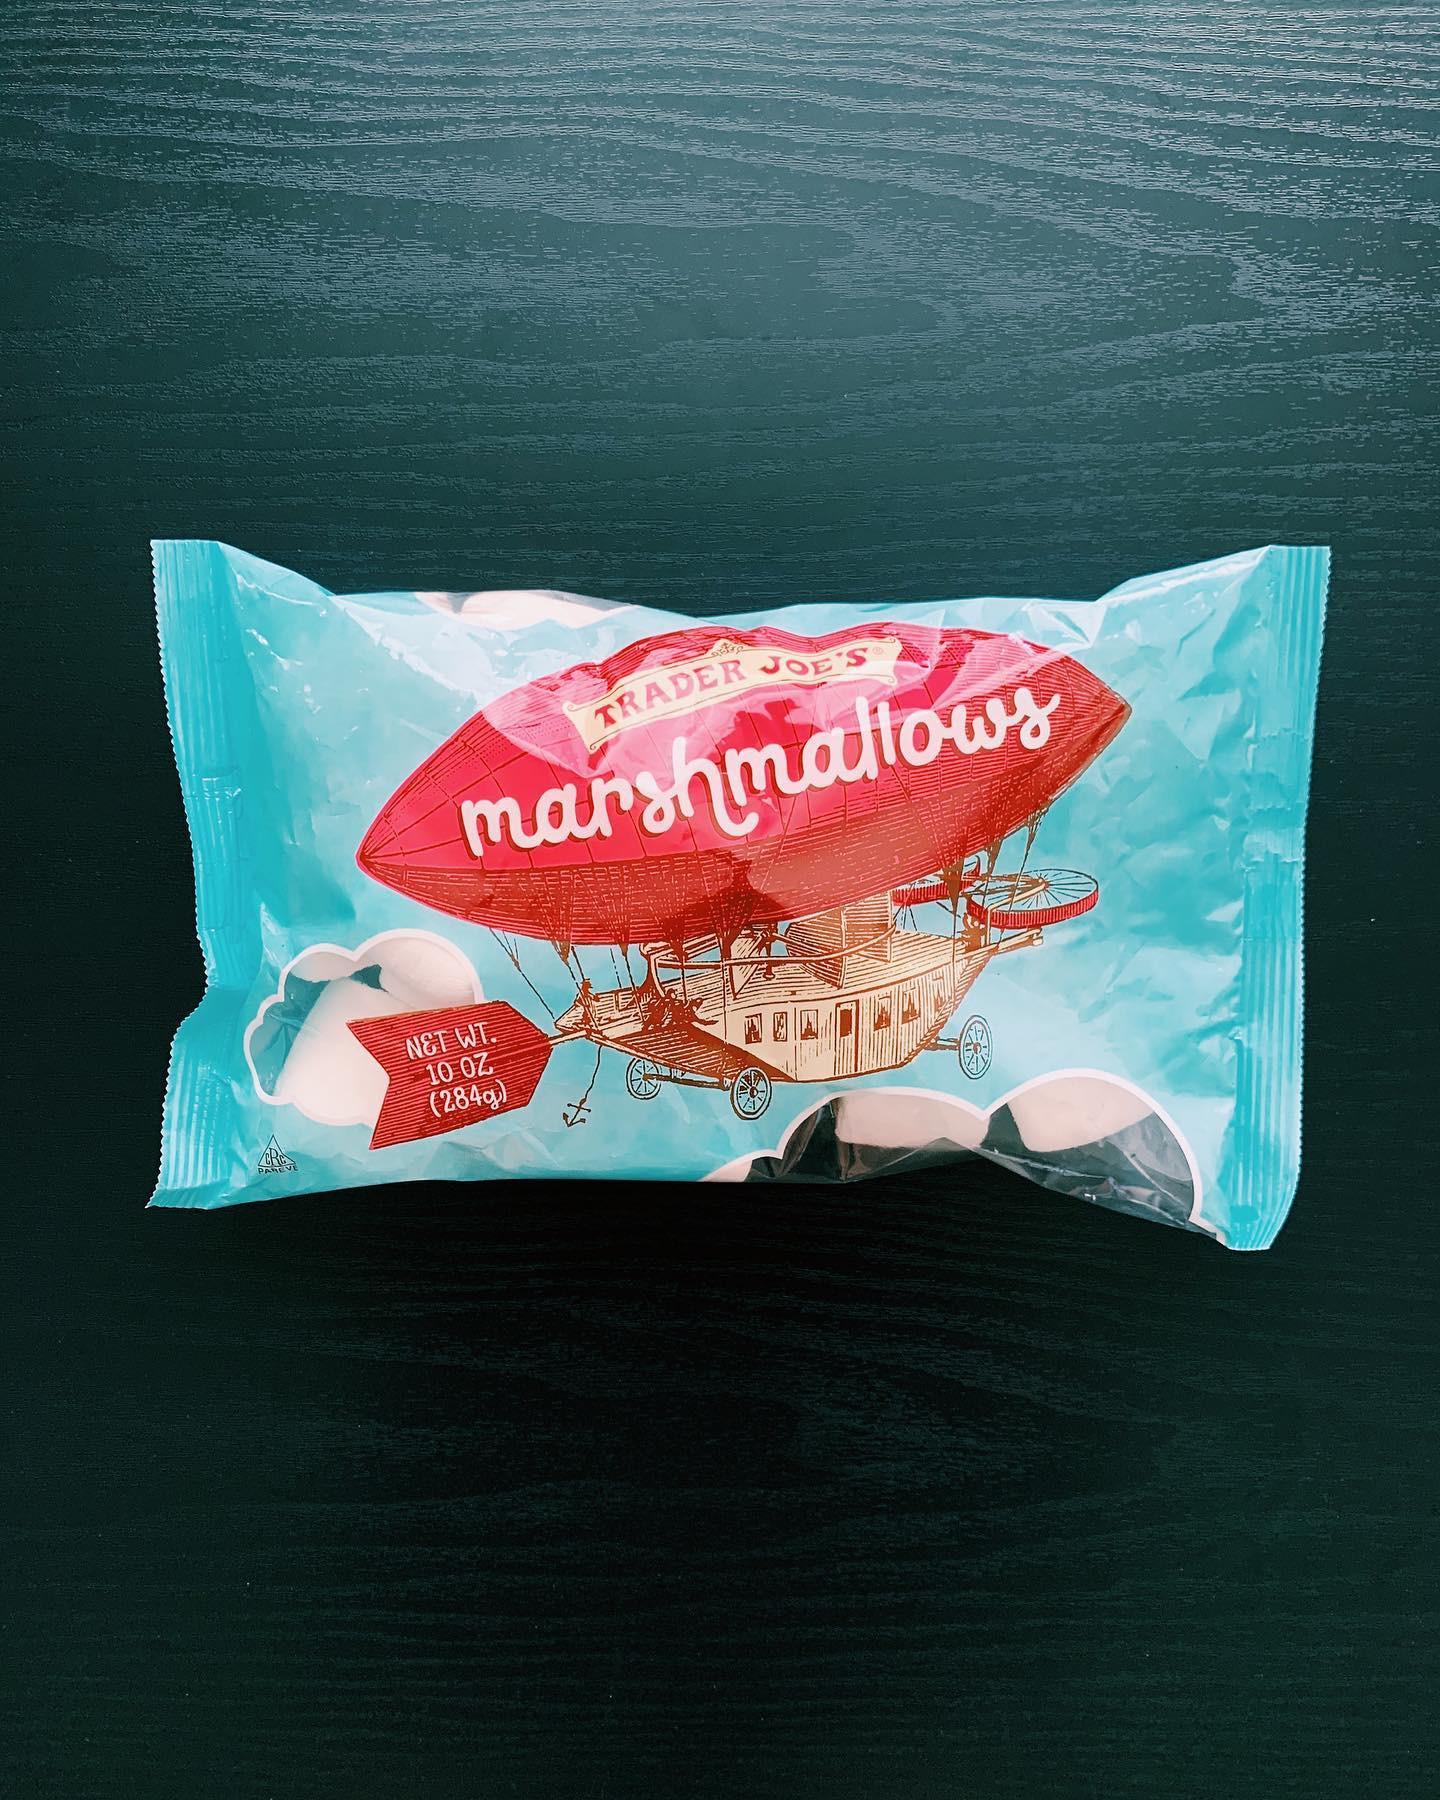 Marshmallows: 9/10